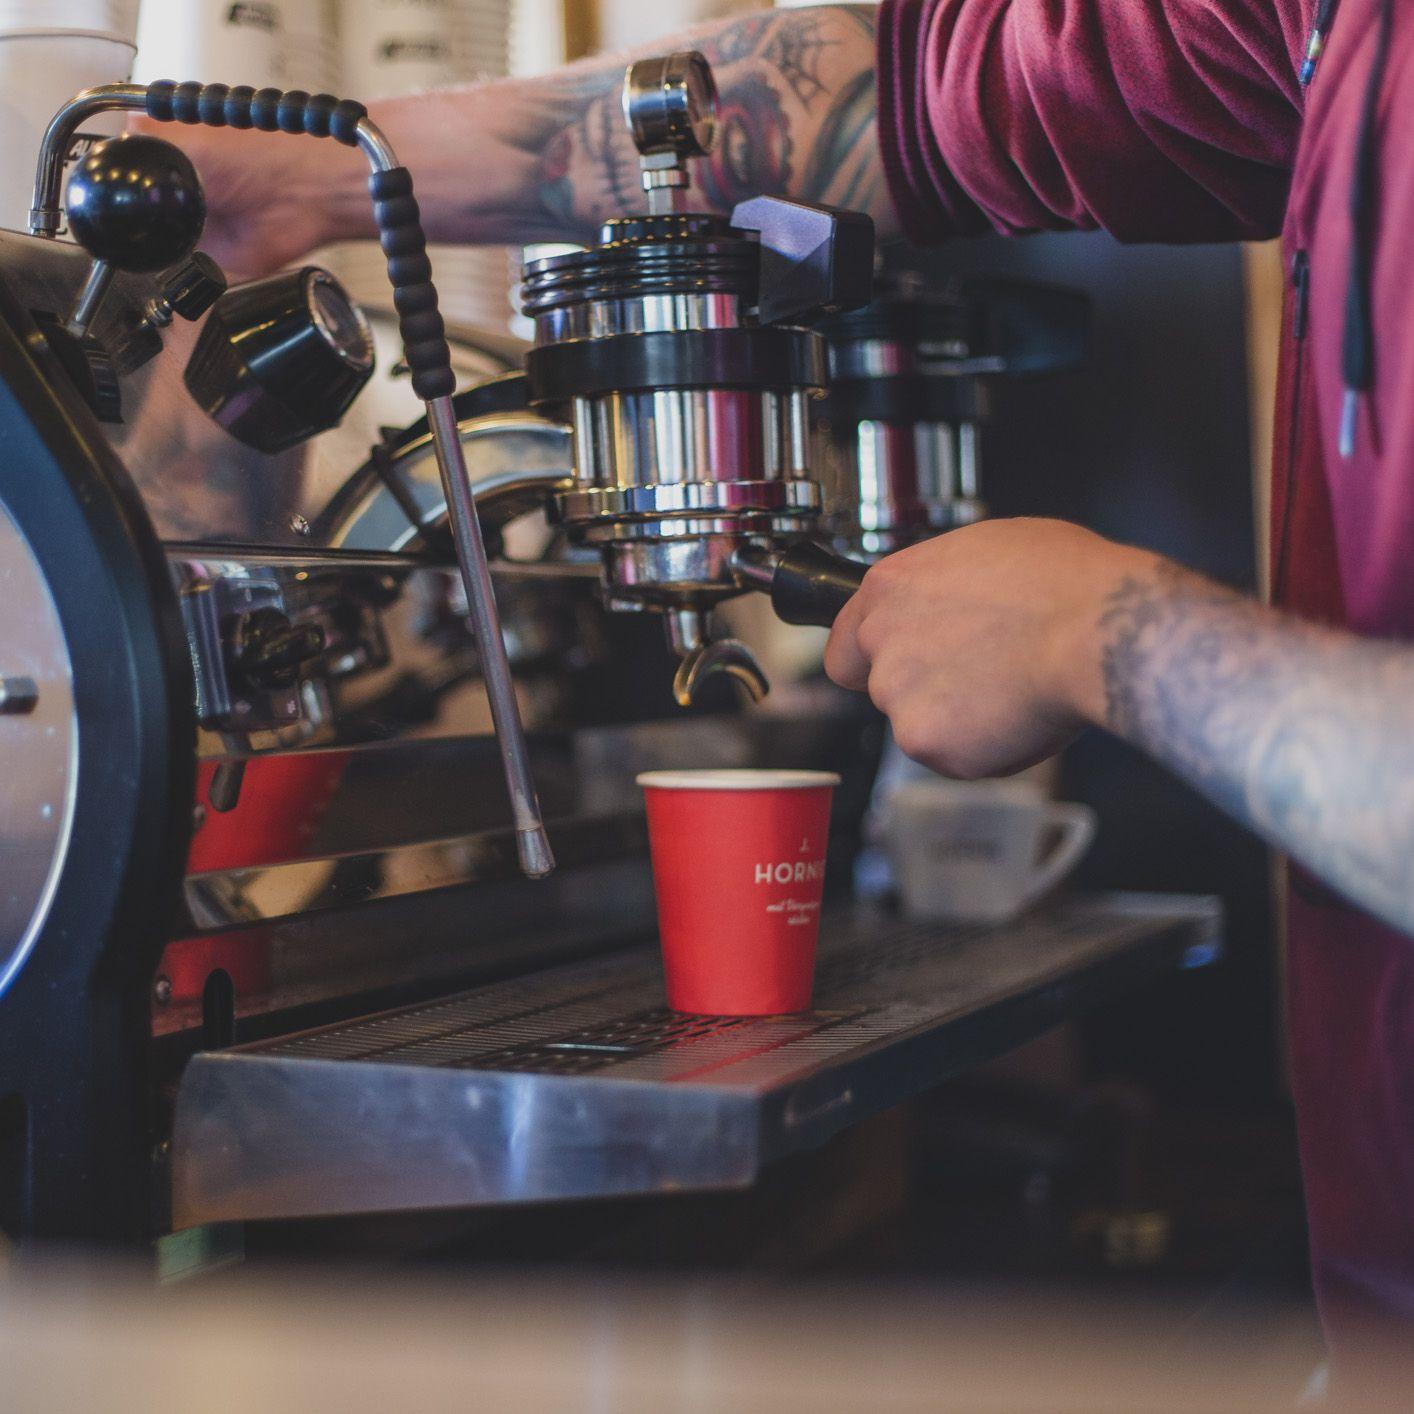 Die J Hornig Kaffeebar In Wien J Hornig Kaffee Bar Kaffee Kaffee Wien